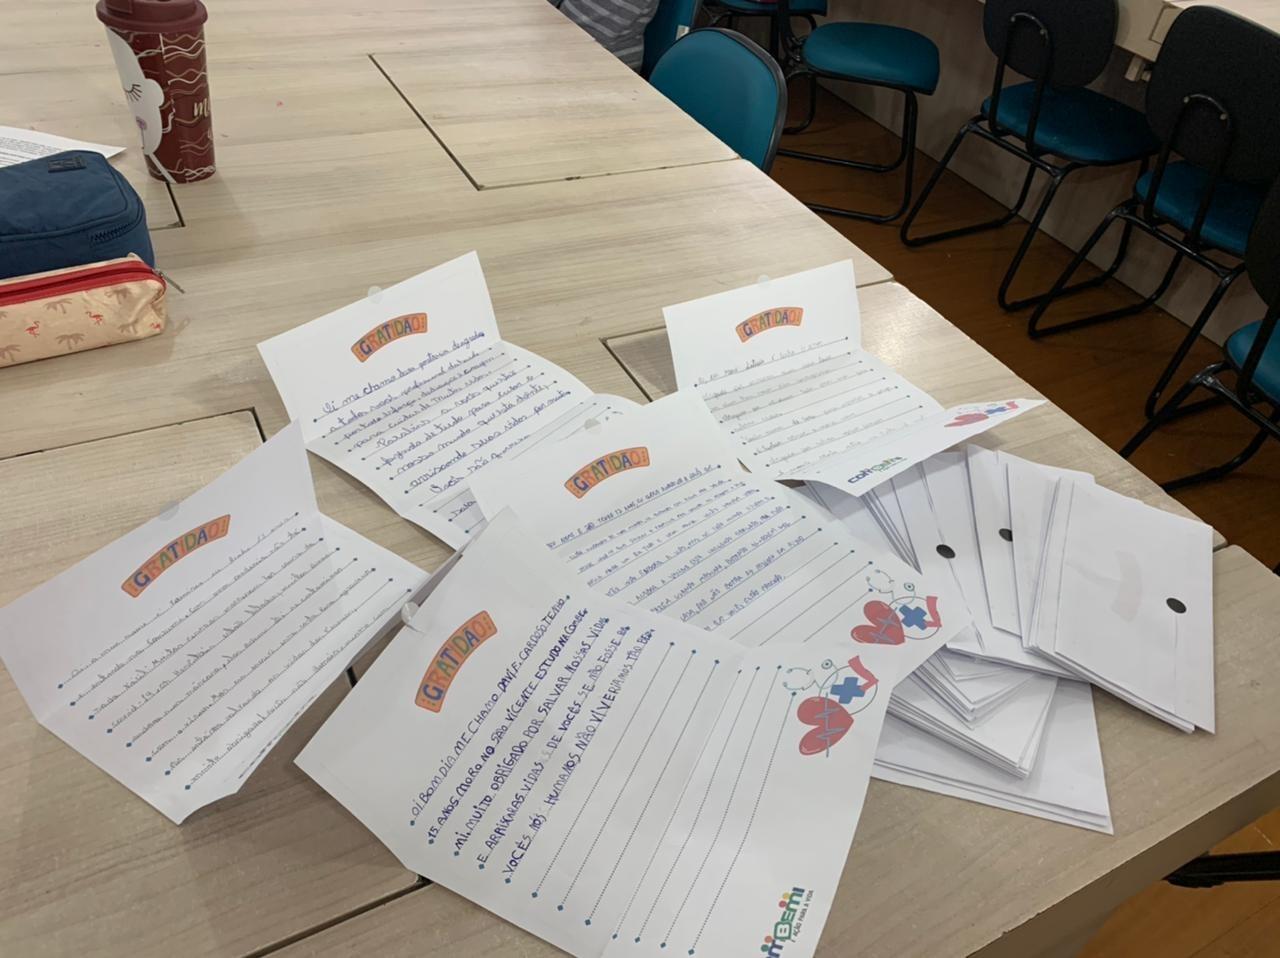 Estudantes tiveram a iniciativa de escrever a carta de apoio aos profissionais, após ter aula sobre a Covid-19 - Secom Itajaí/Divulgação